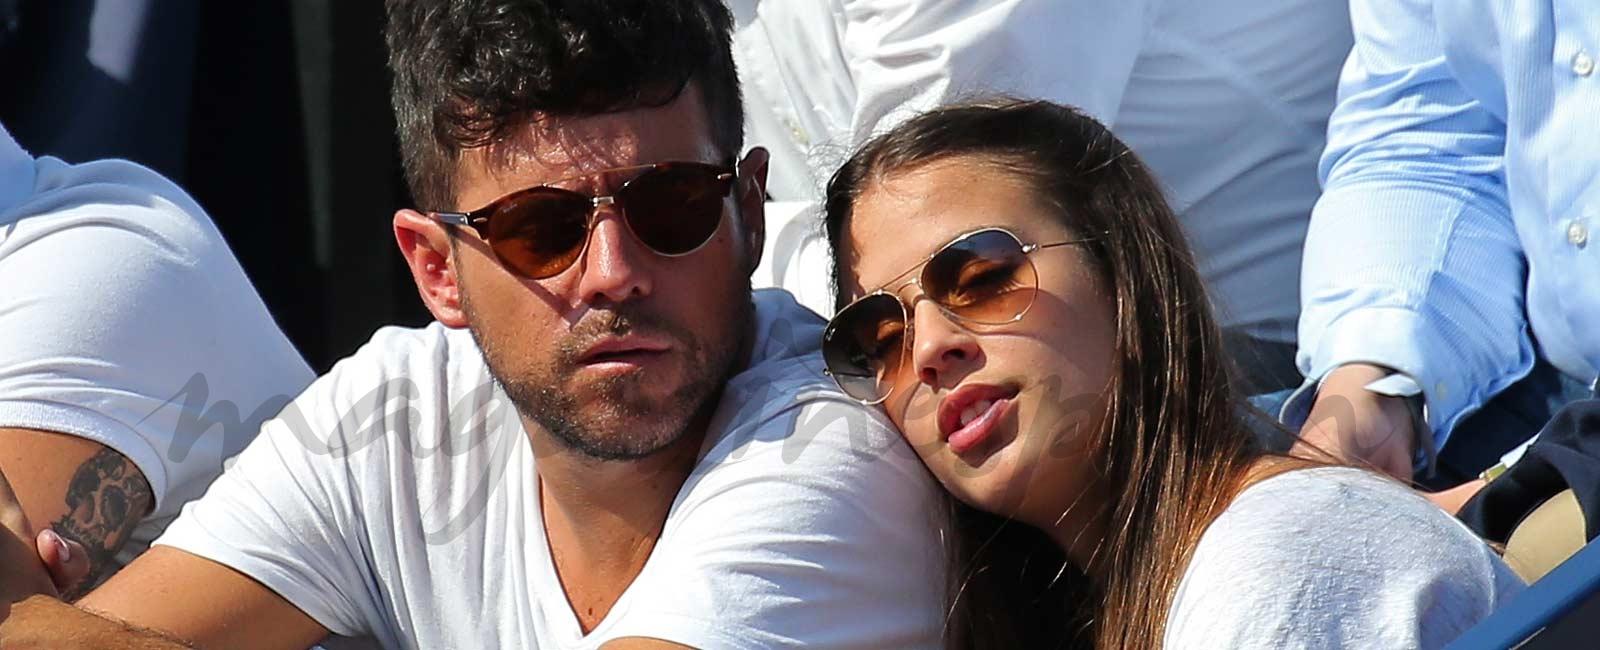 Las imágenes mas tiernas de Pablo López con su novia en el tenis